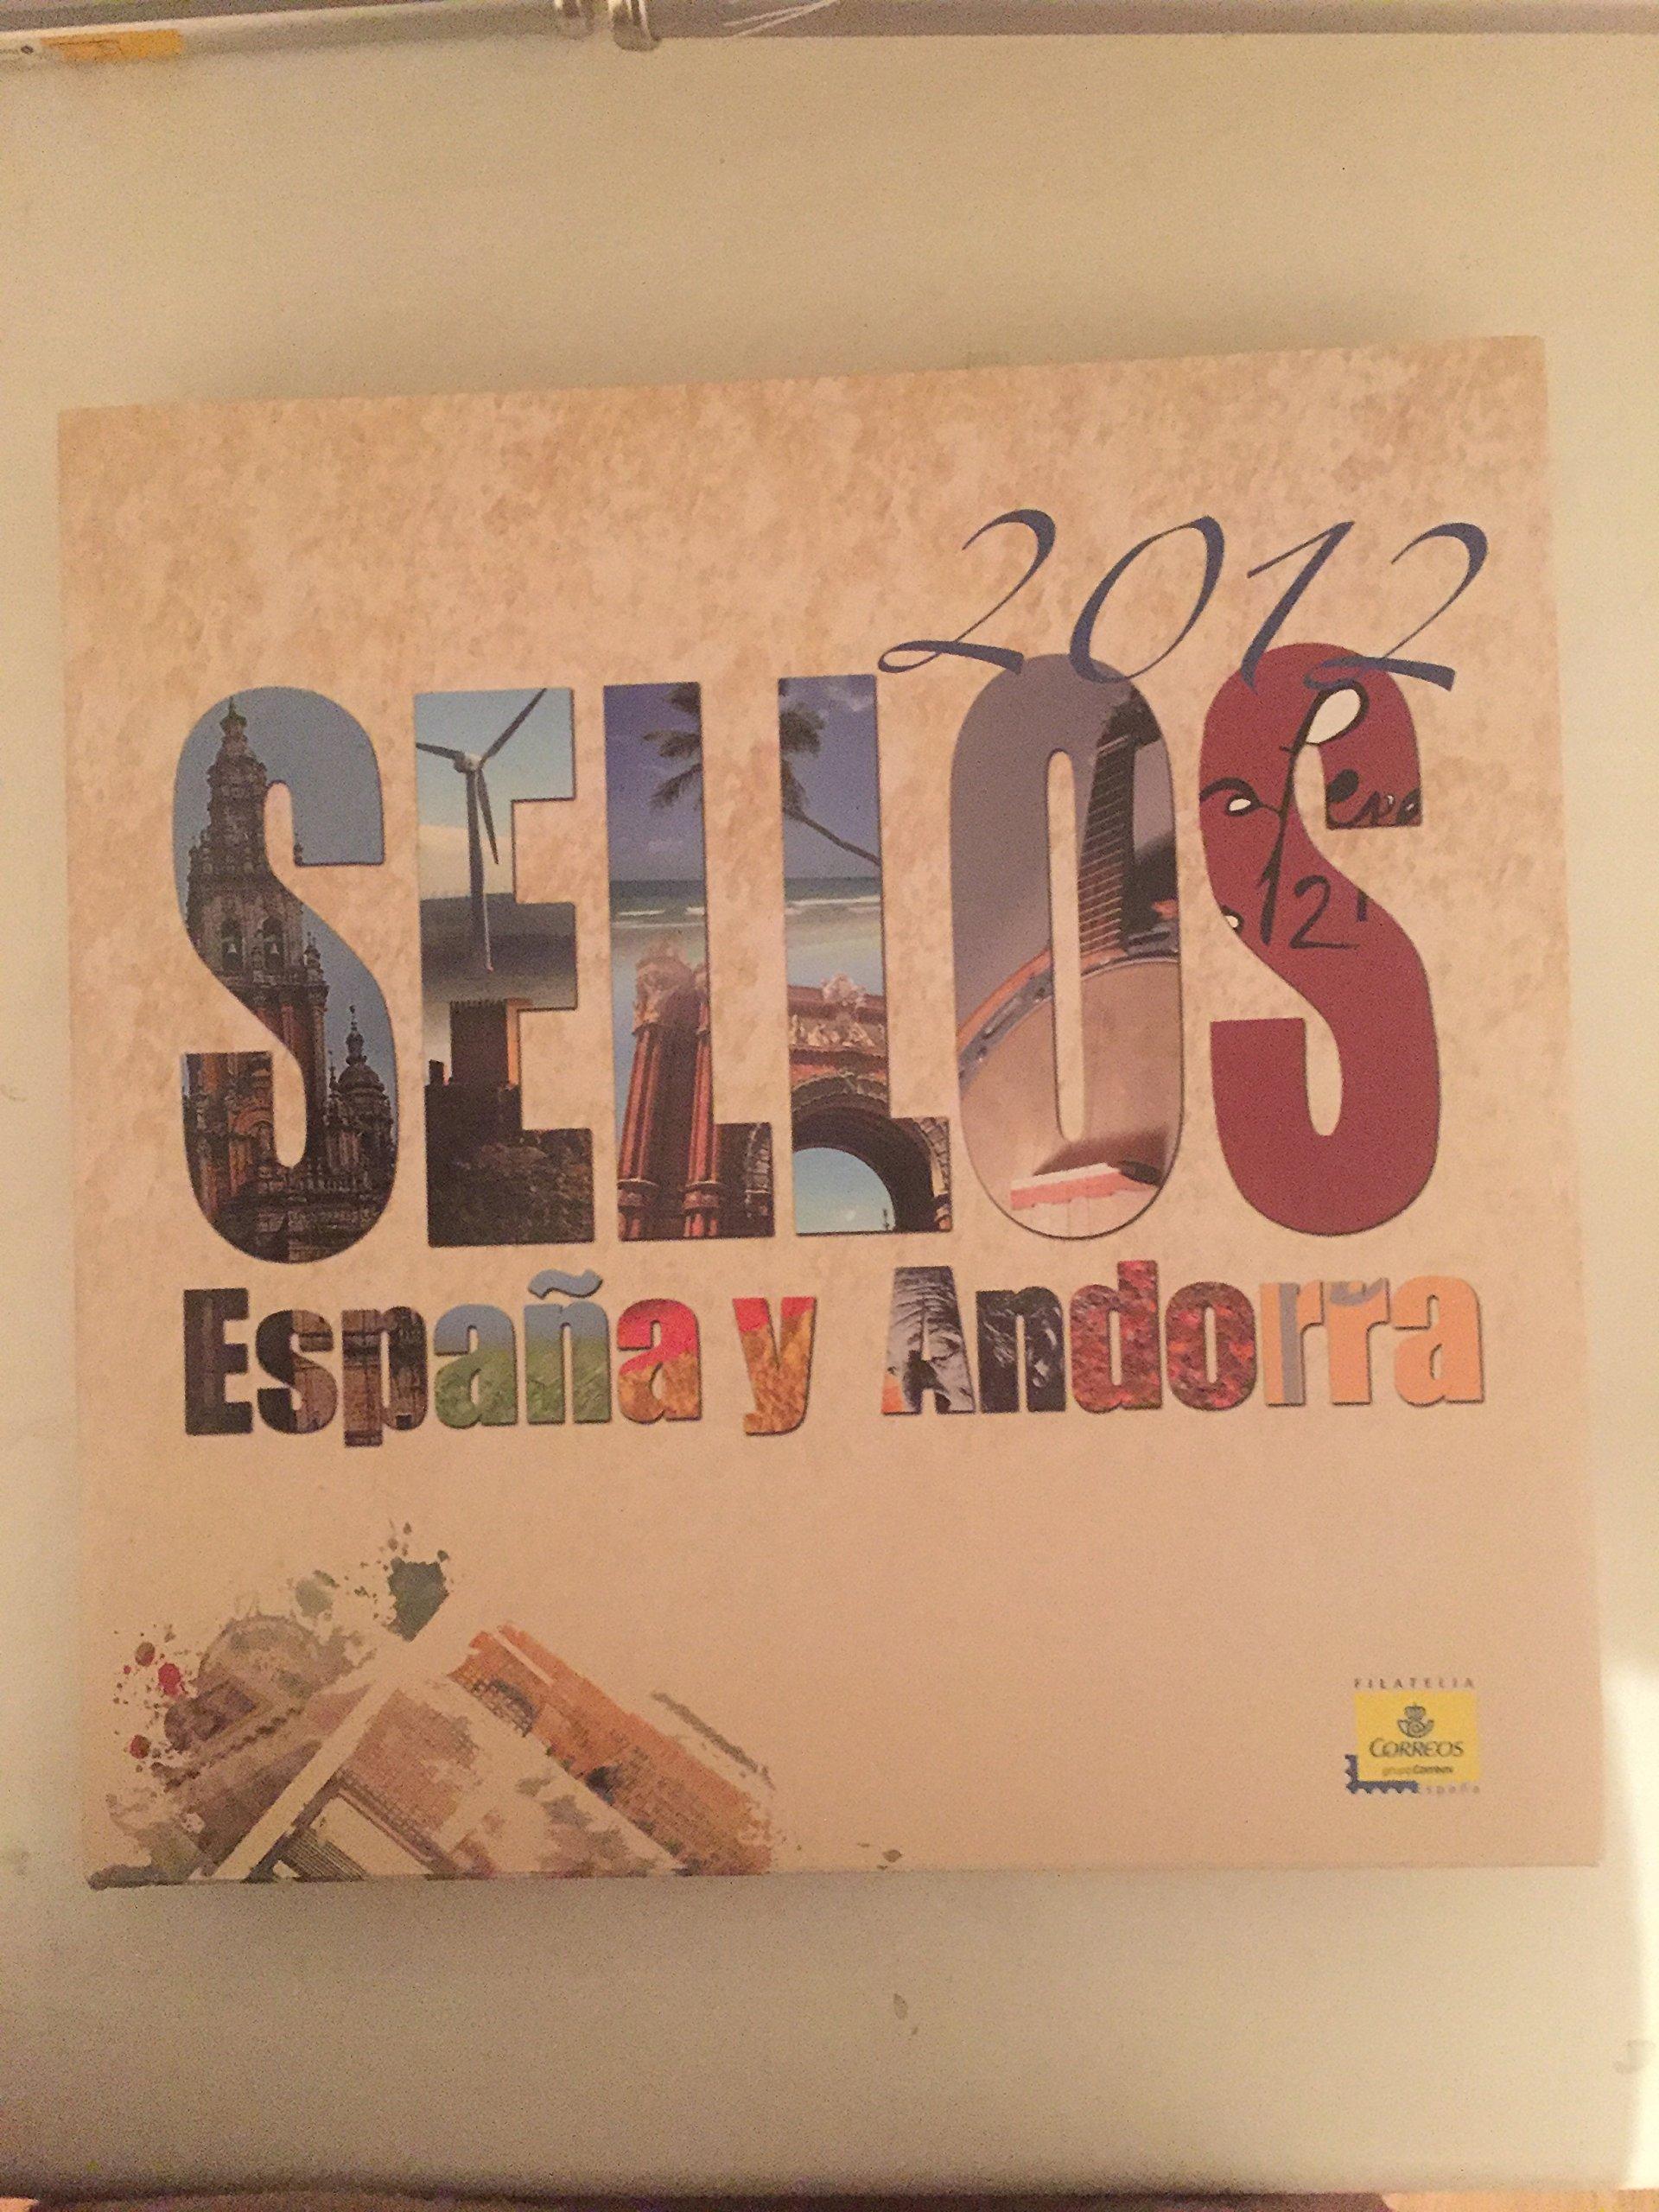 SELLOS ESPAÑA Y ANDORRA: Amazon.es: Correos y Telégrafos, Correos y Telegrafos: Libros